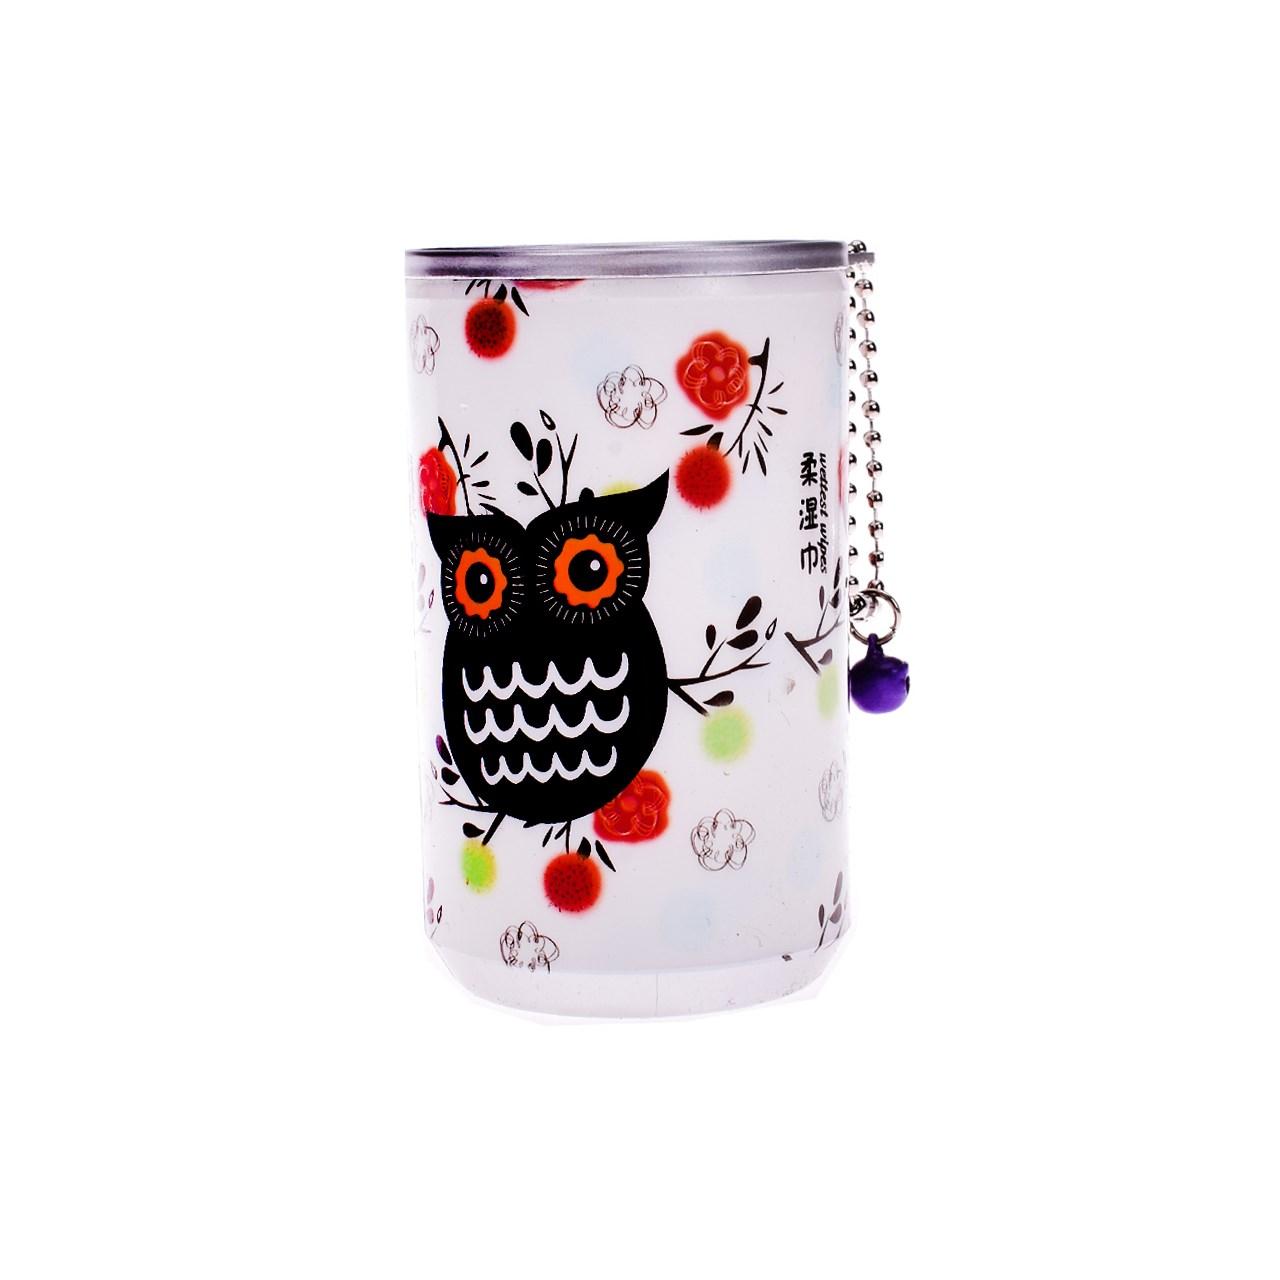 دستمال مرطوب ترانه مدل owl 4 بسته 30 عددی